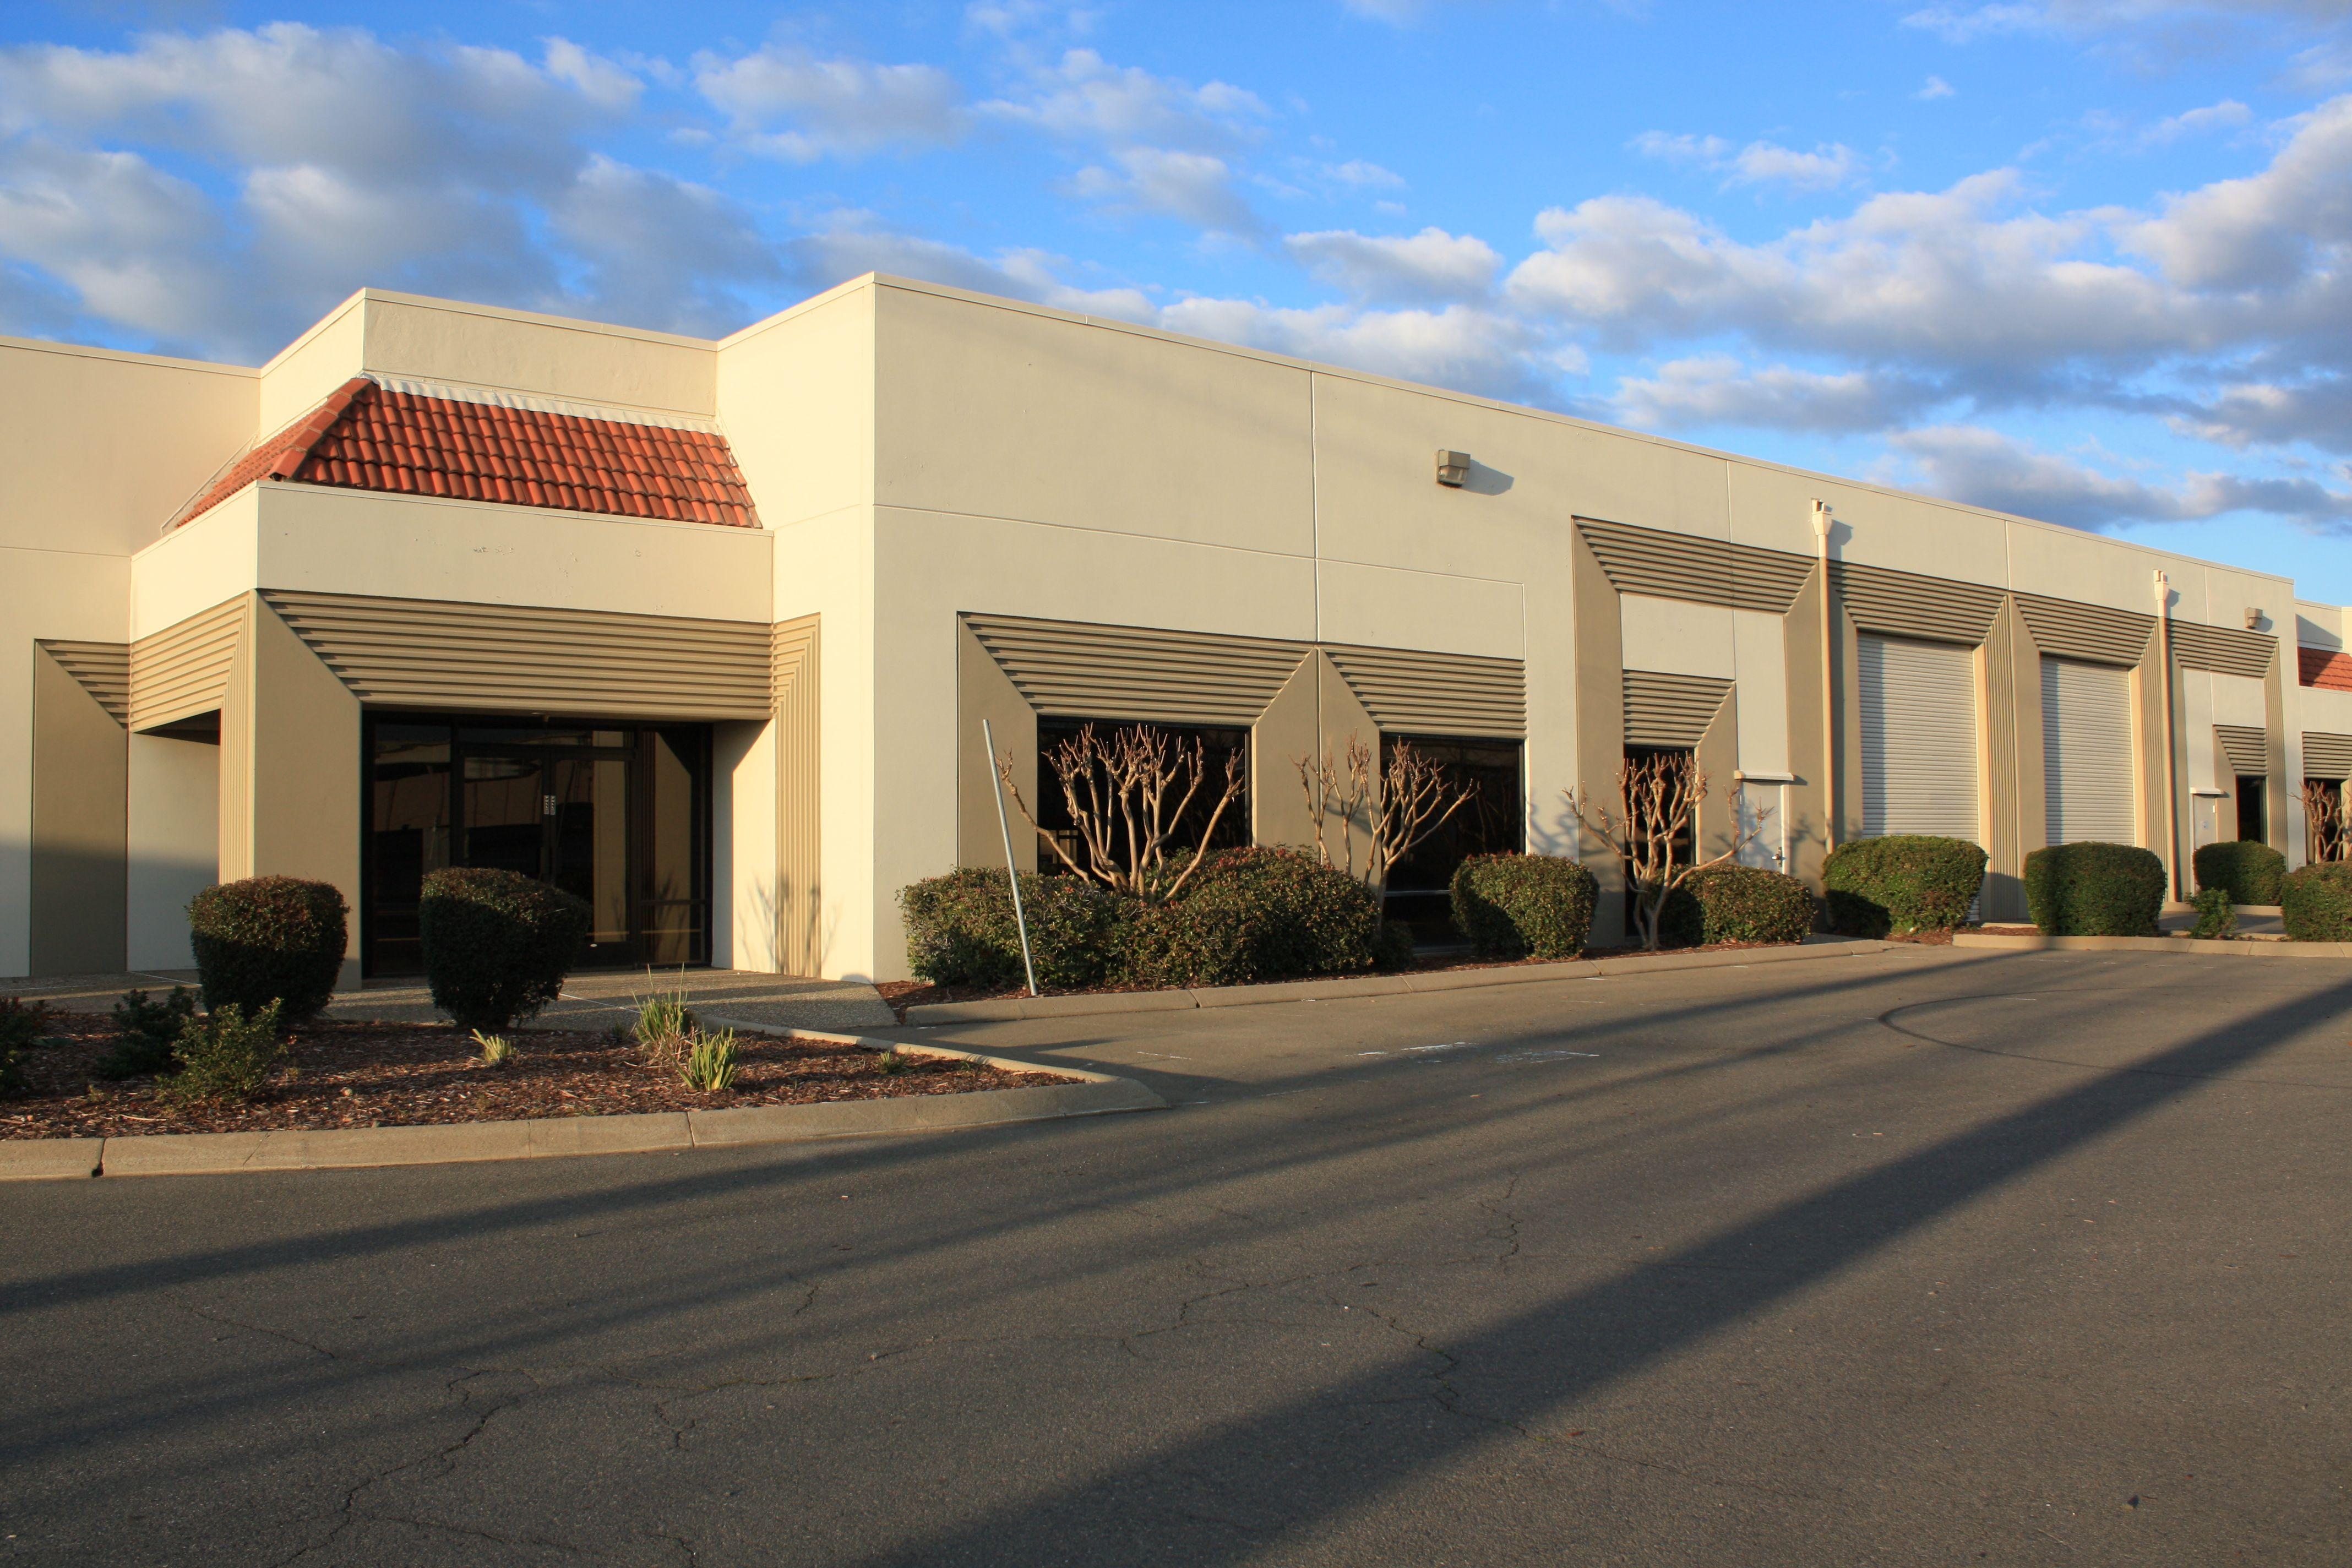 West Sacramento, CA -  3920 West Capital, West Sacramento, CA 95691  26,882 SF Available www.buzzoates.com | Zac Sweet 916.379.3828